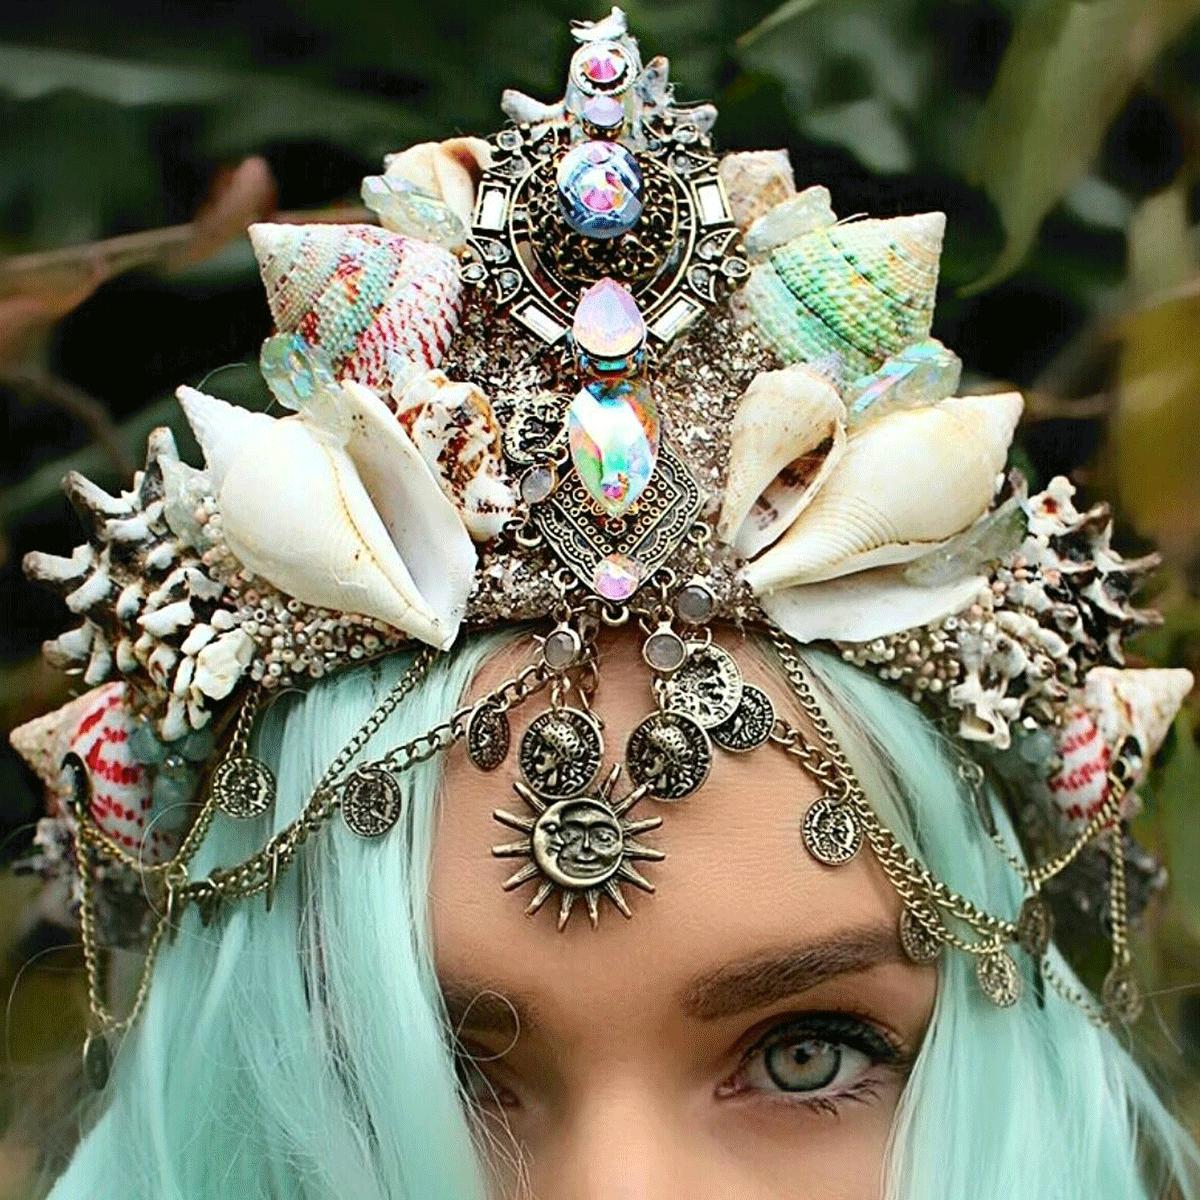 mermaidcrown 2